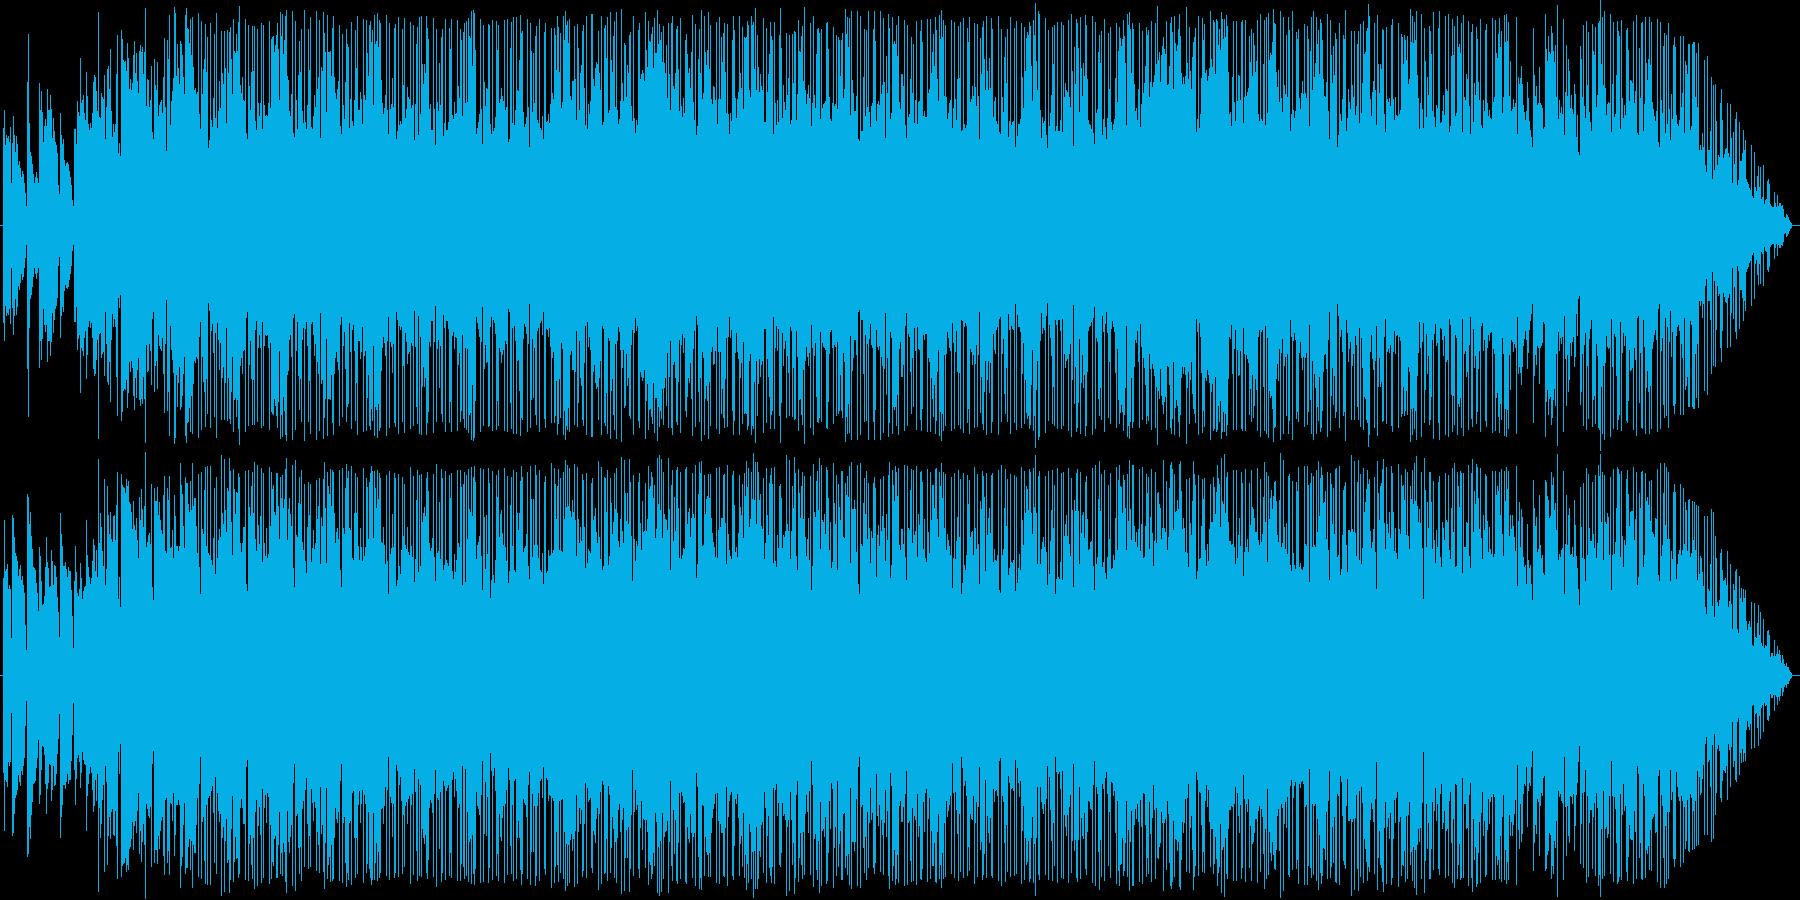 大人の事情がありそうな雰囲気の曲の再生済みの波形